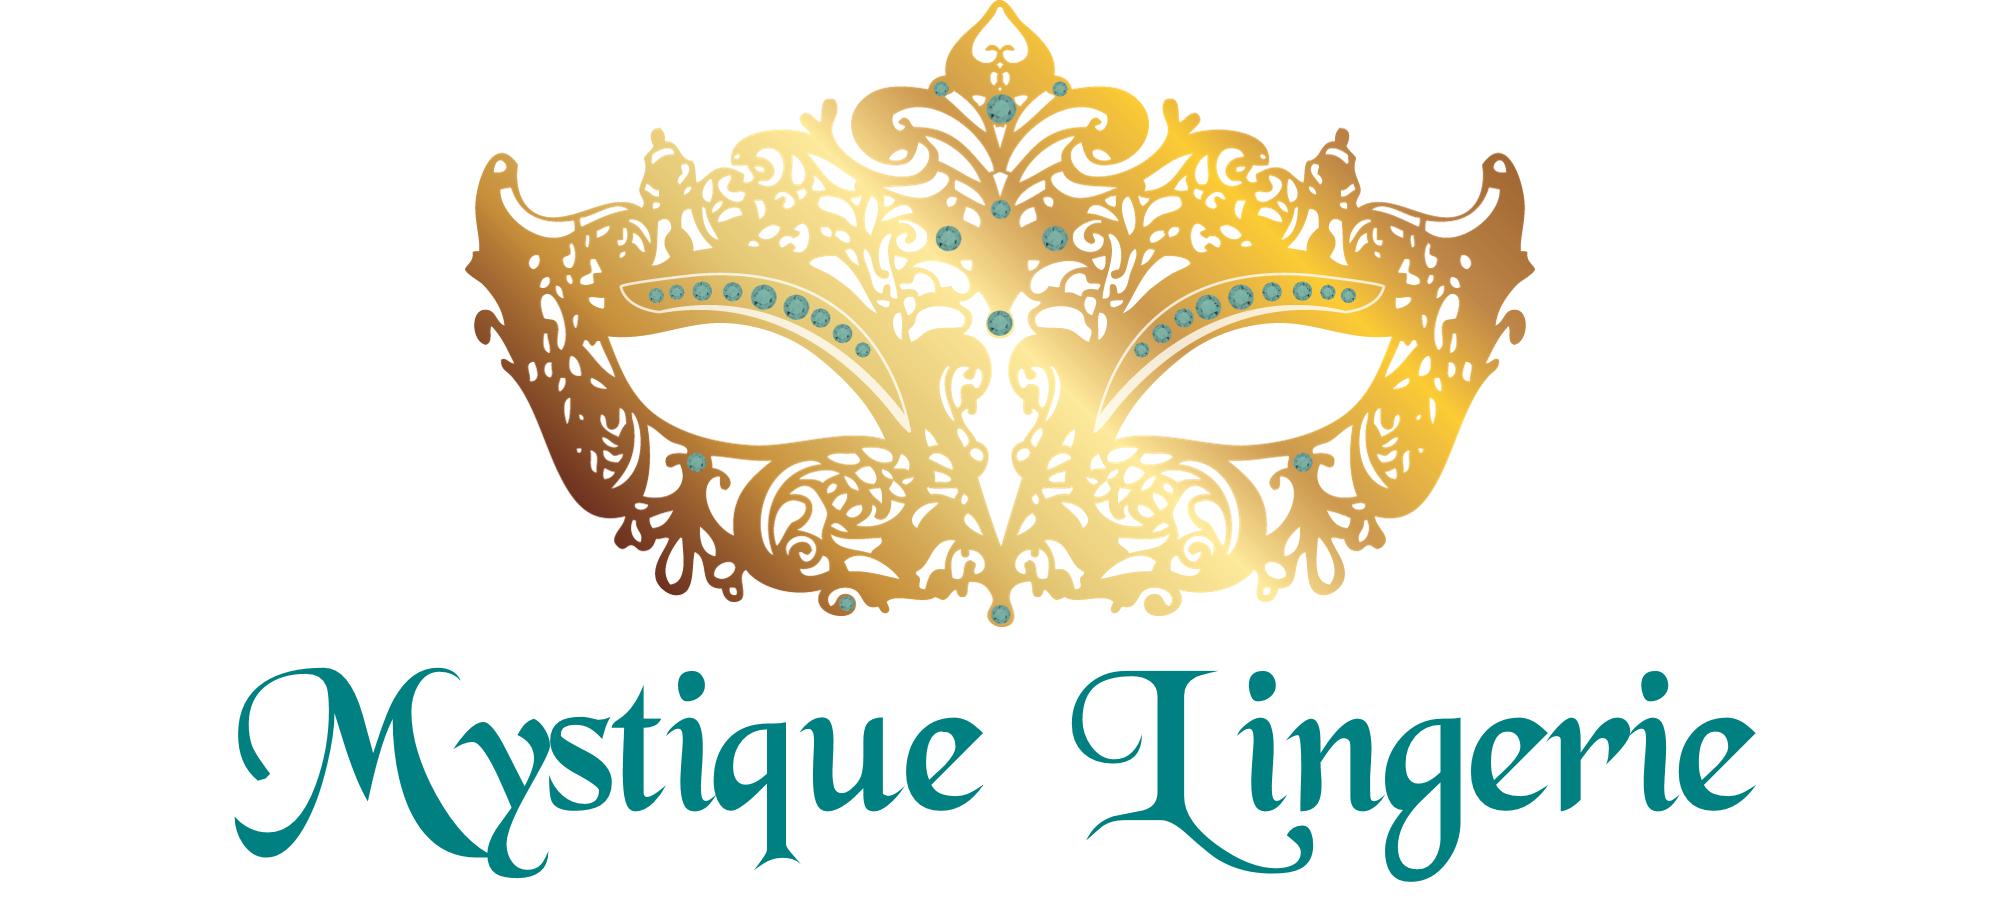 Mystique Lingerie